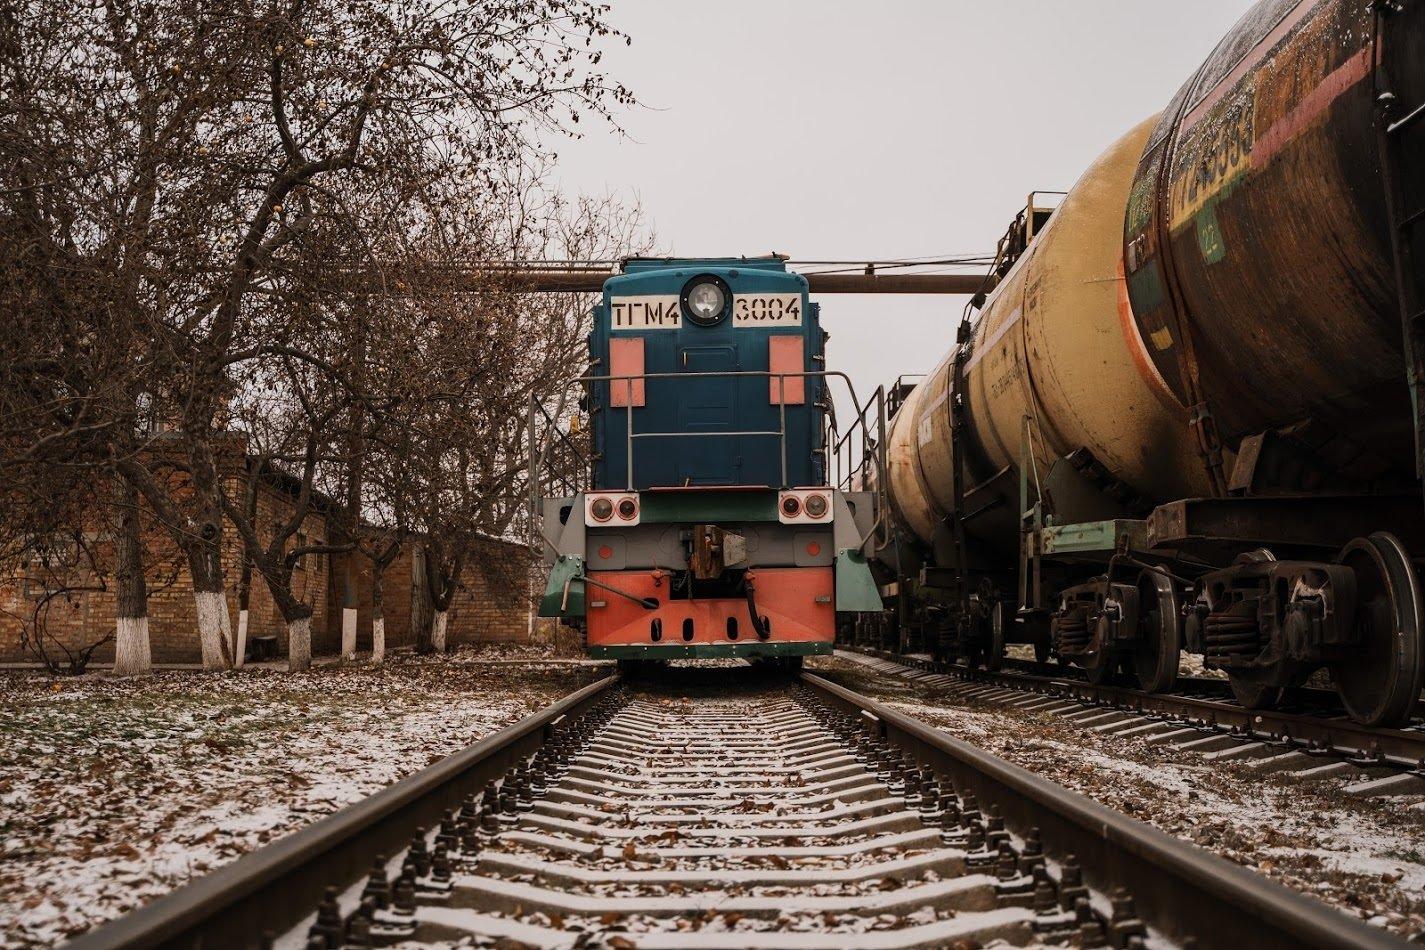 Укрзалізниця готується до страйку: в Україні можуть зупинитися всі потяги